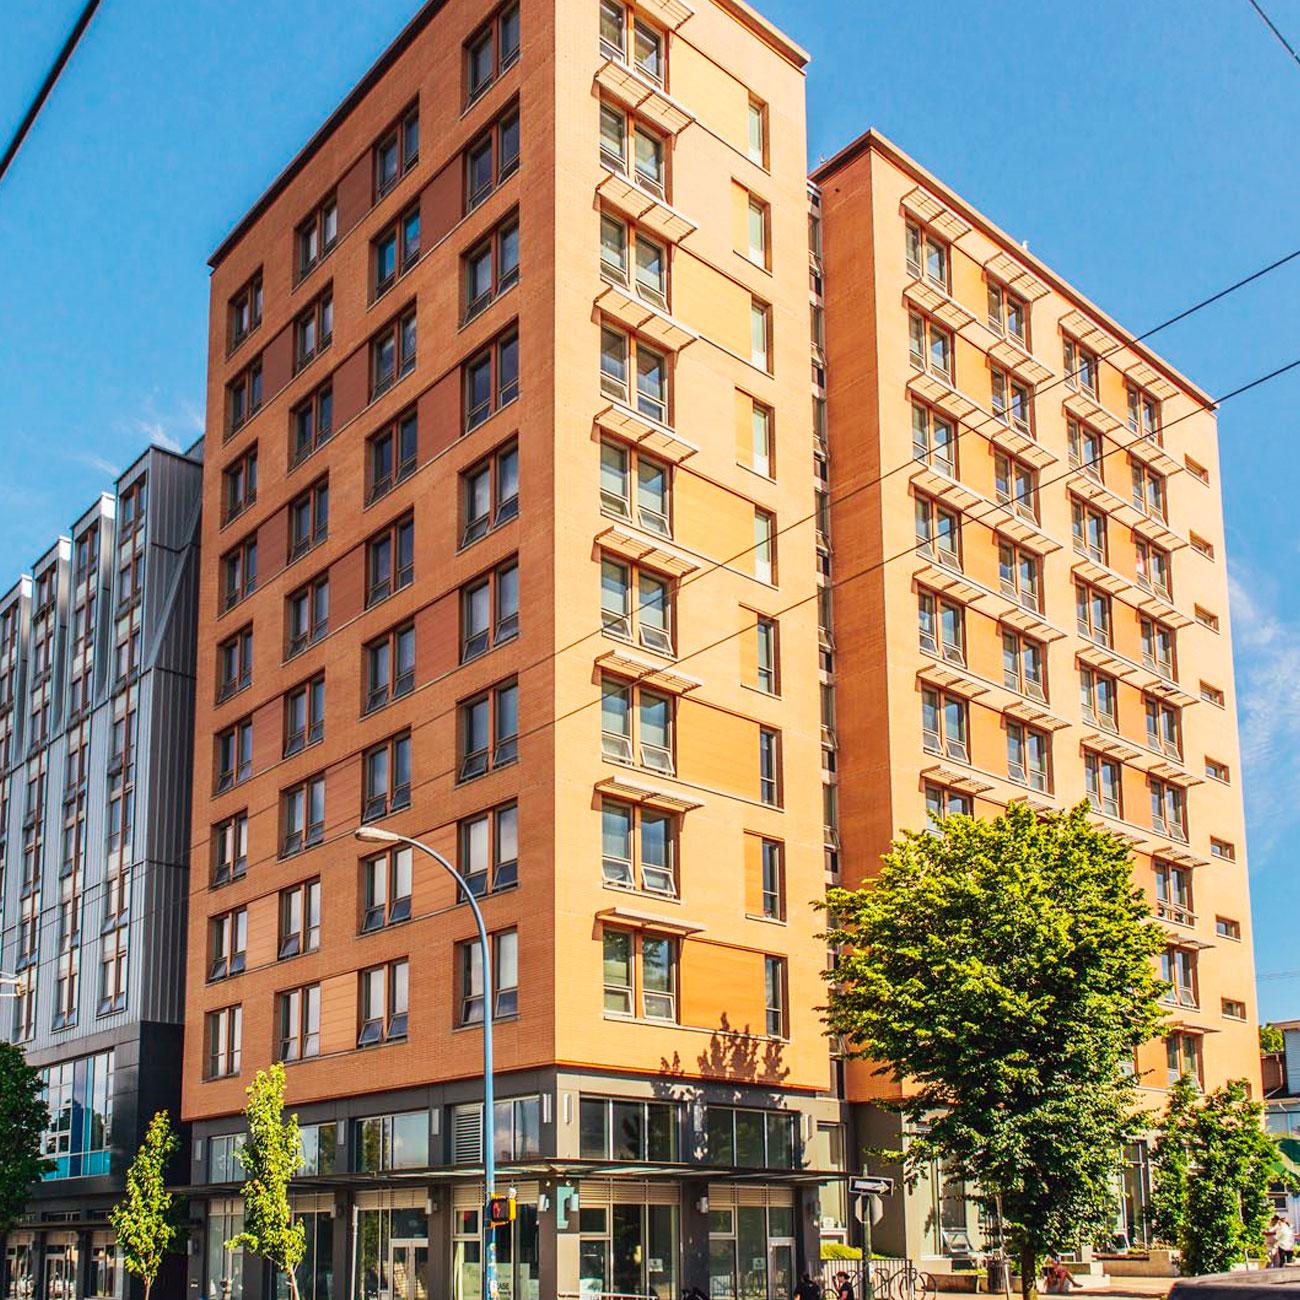 sky_porfolio_budzey-building_img_1